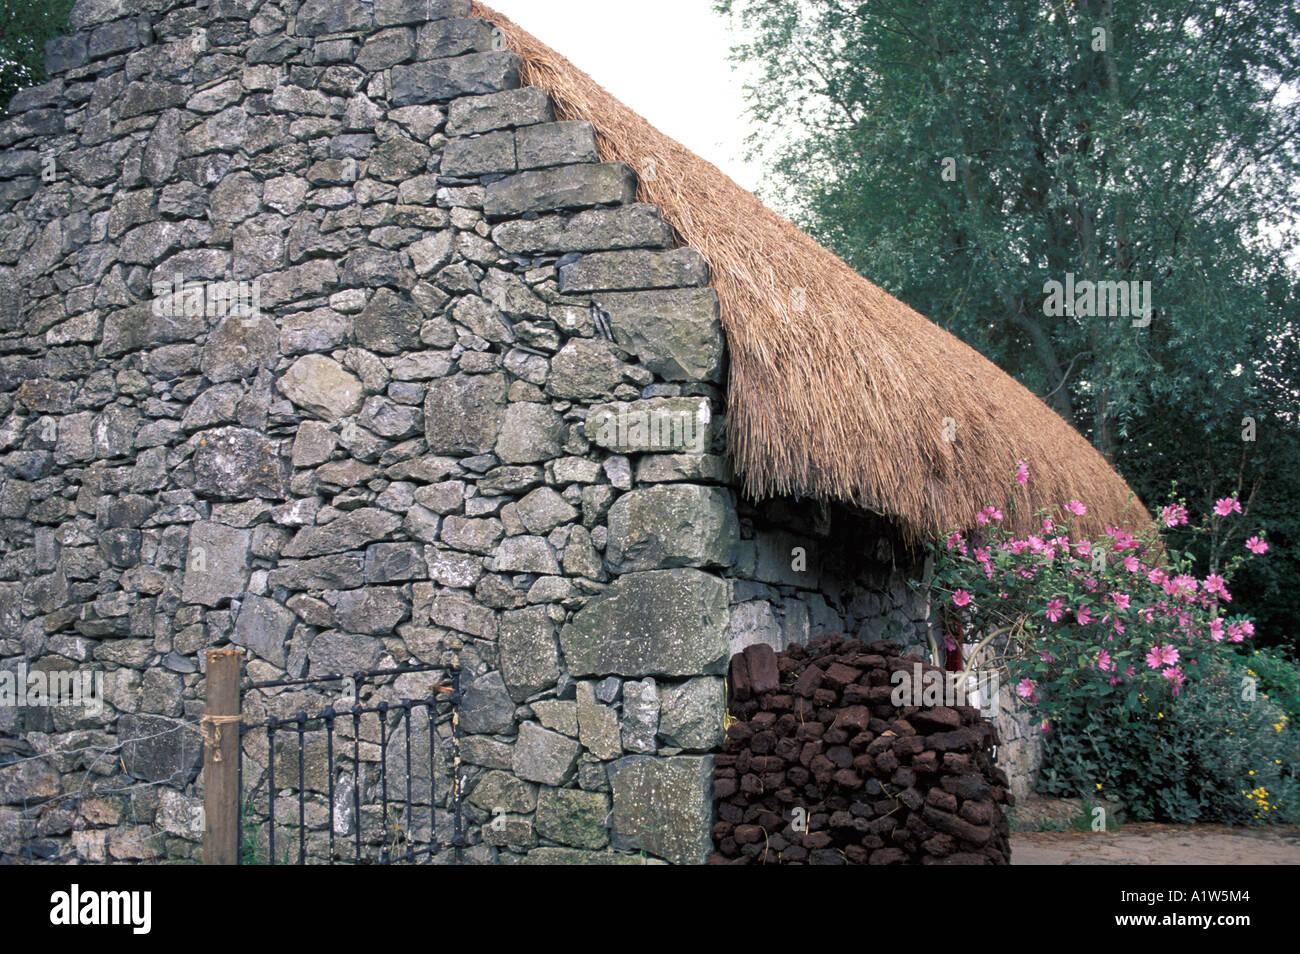 Ireland stone cottage - Stock Image